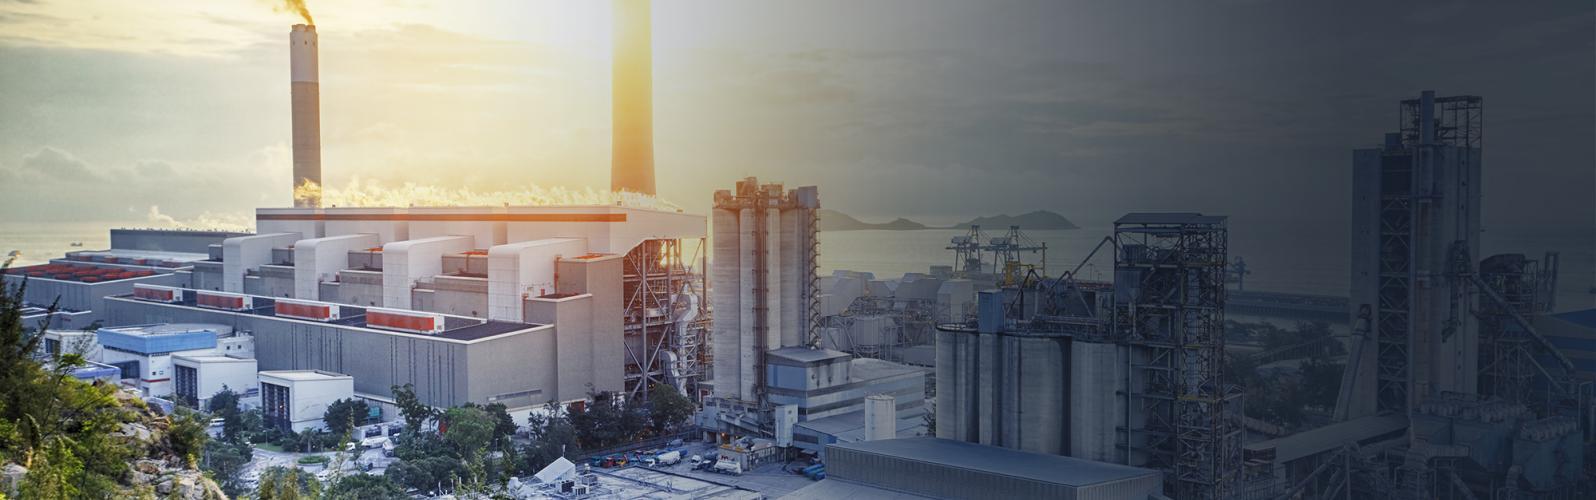 Proveedor de sistemas de bombeo para la industria petrolera, alimentaria e industrial